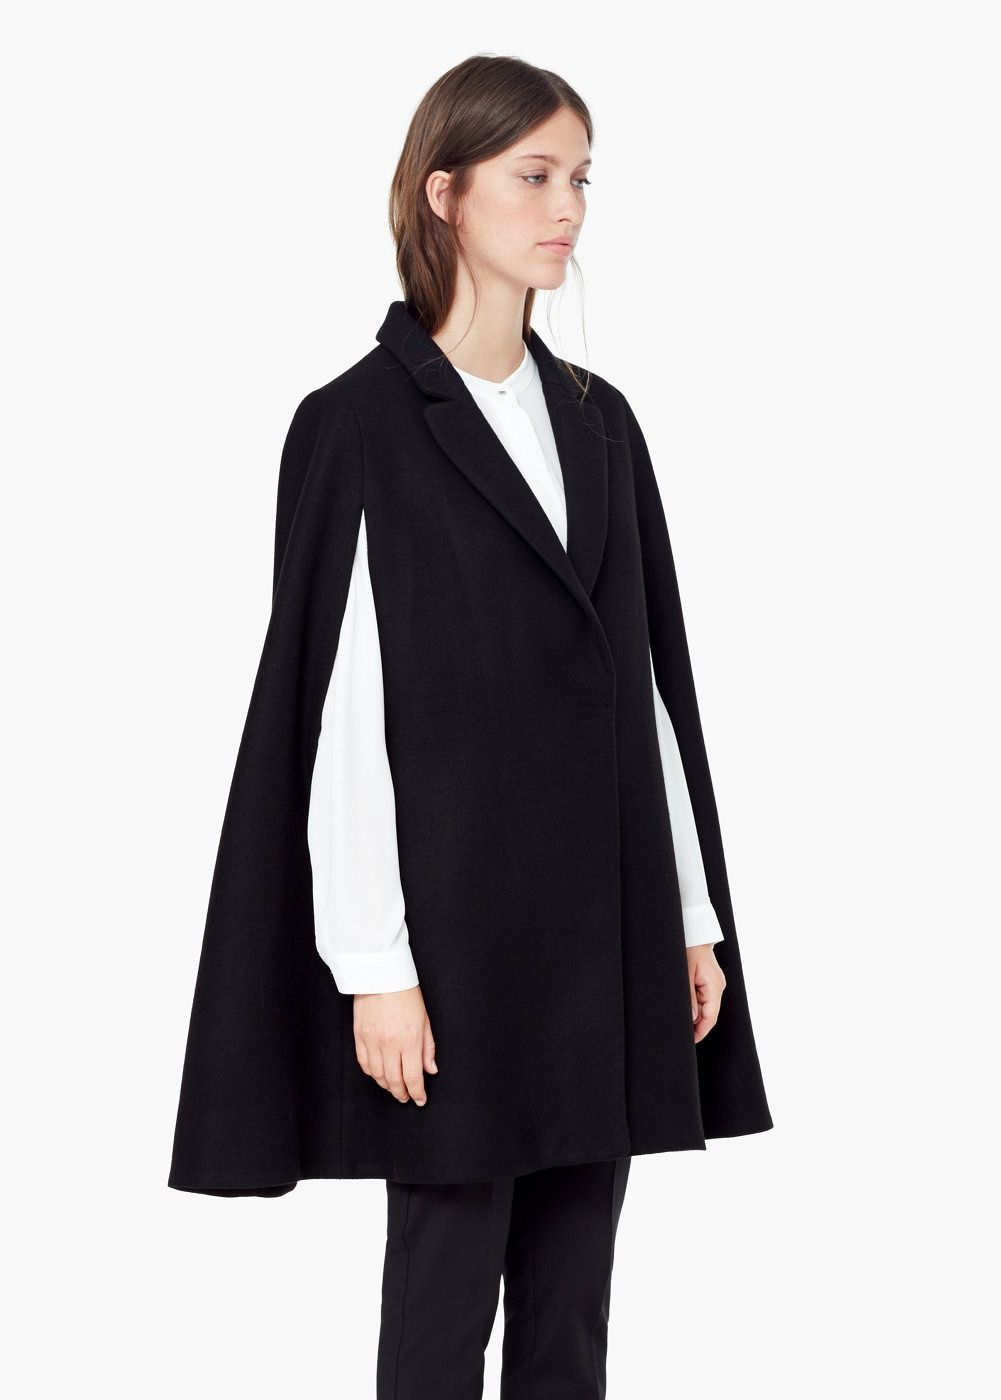 Capa lana - Abrigos de Mujer  5e45ba30d620